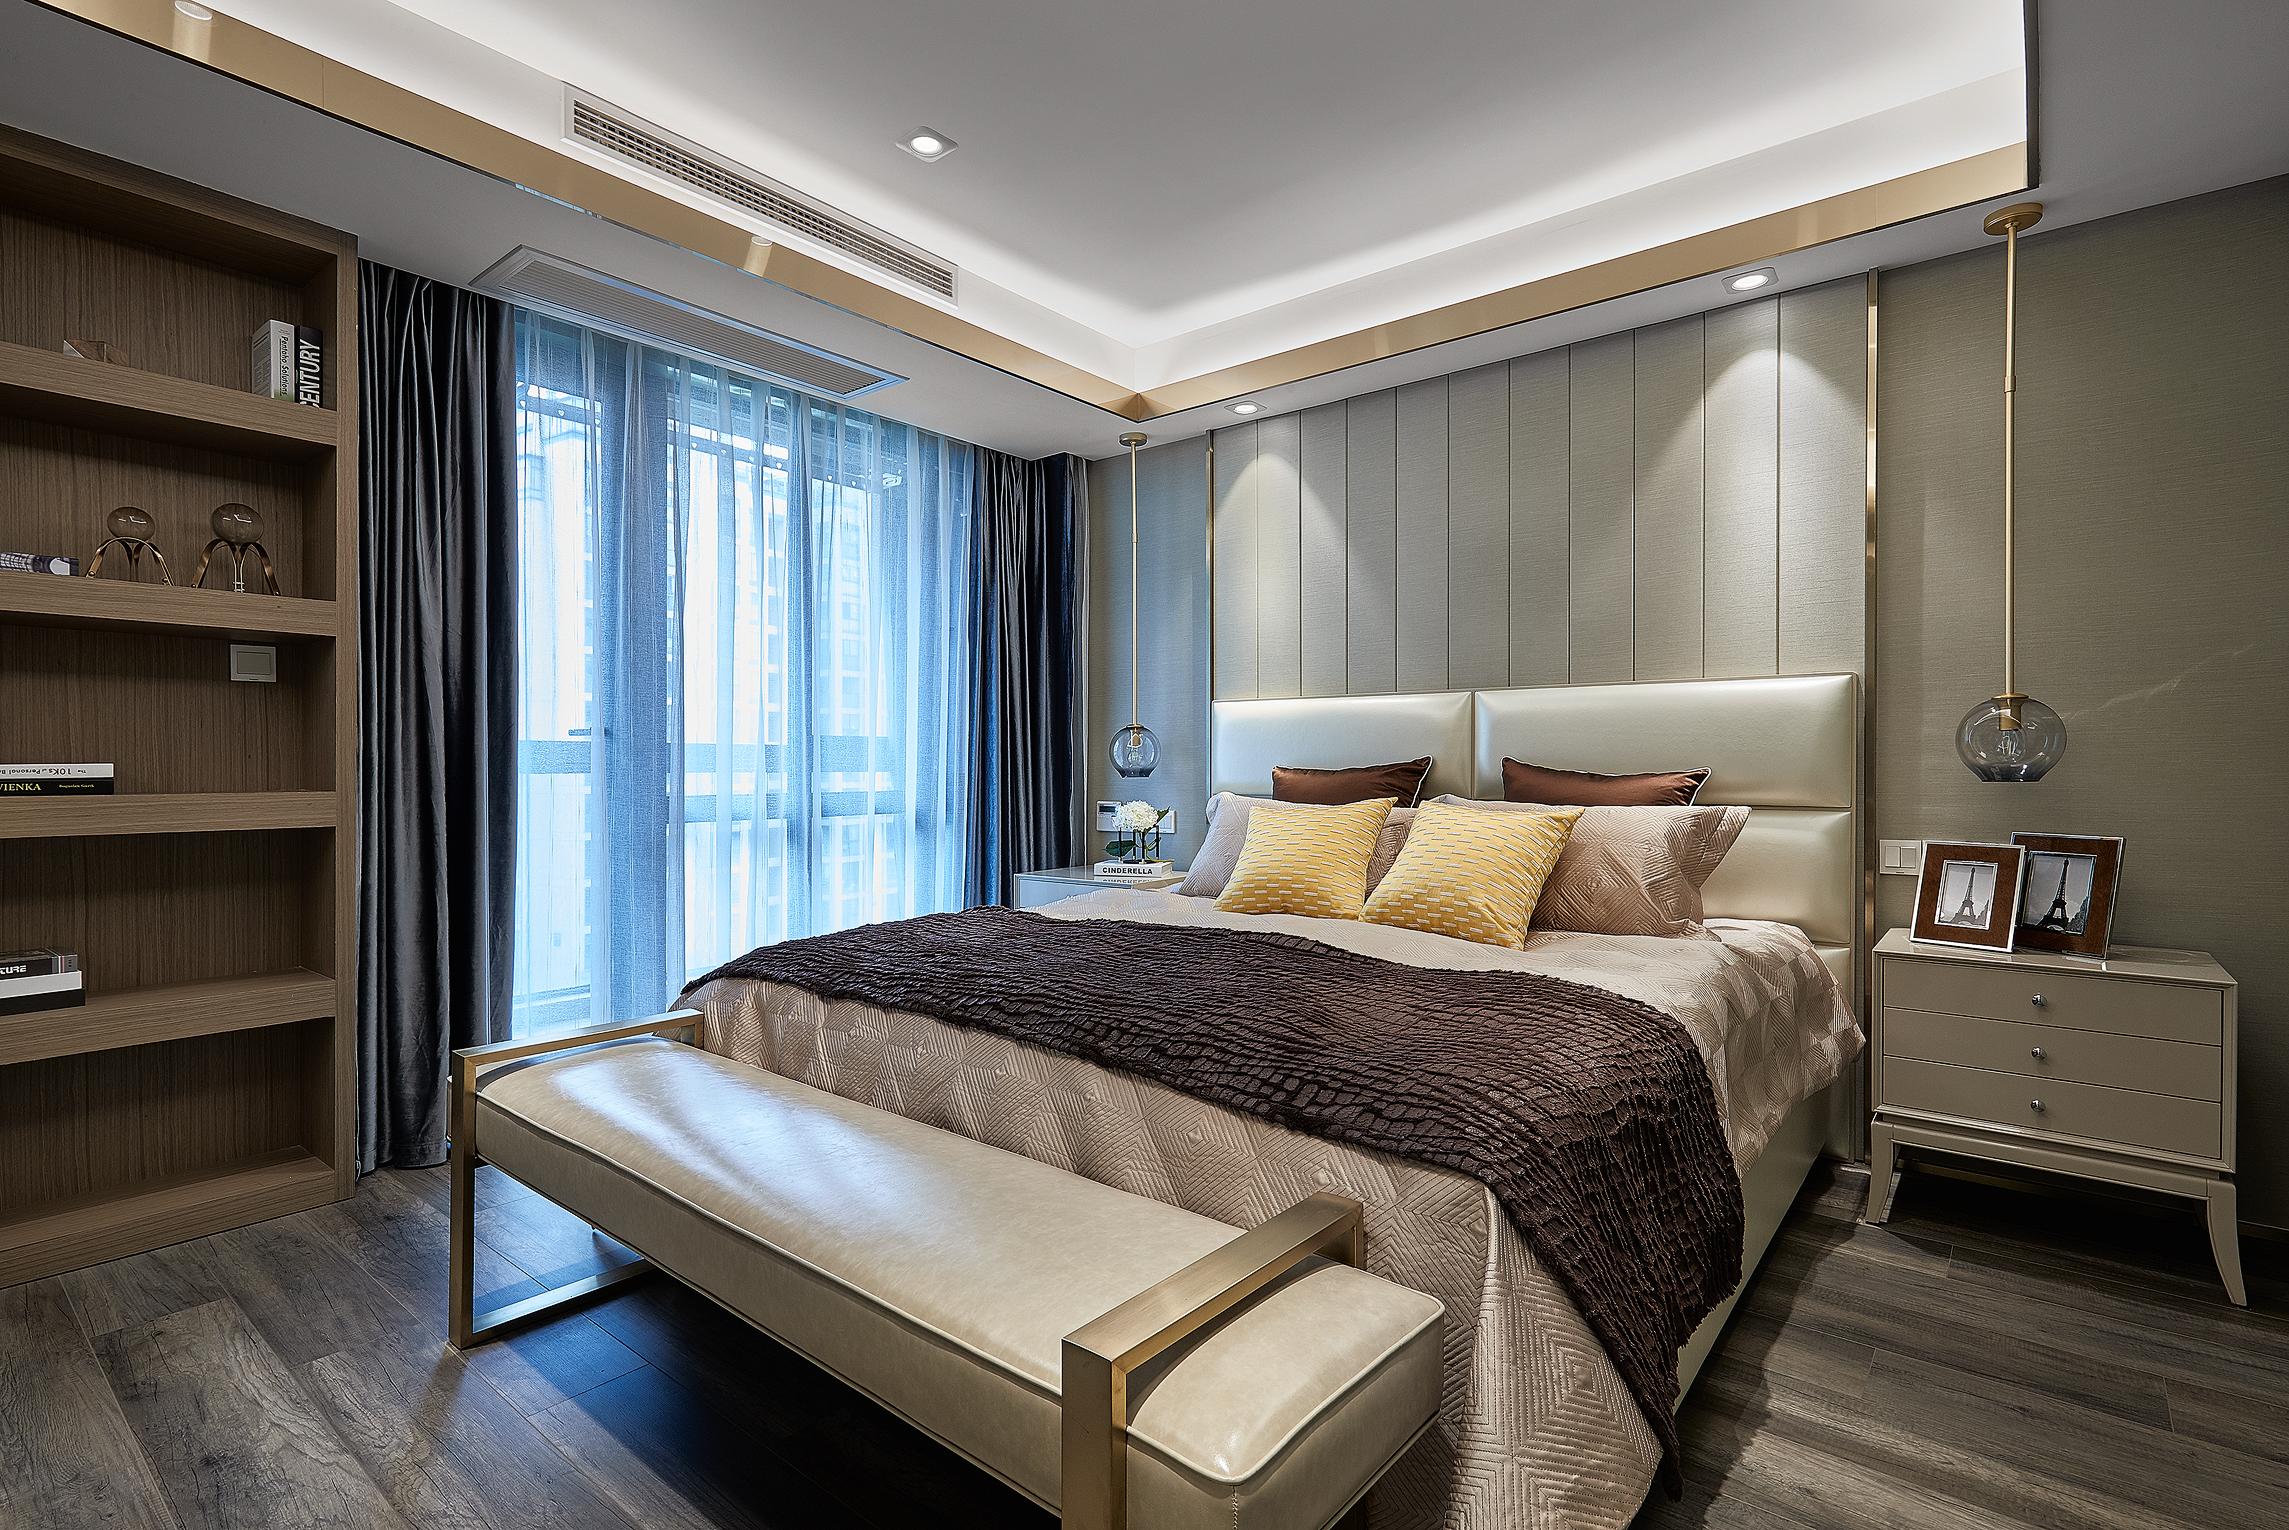 130㎡简约风格设计卧室效果图